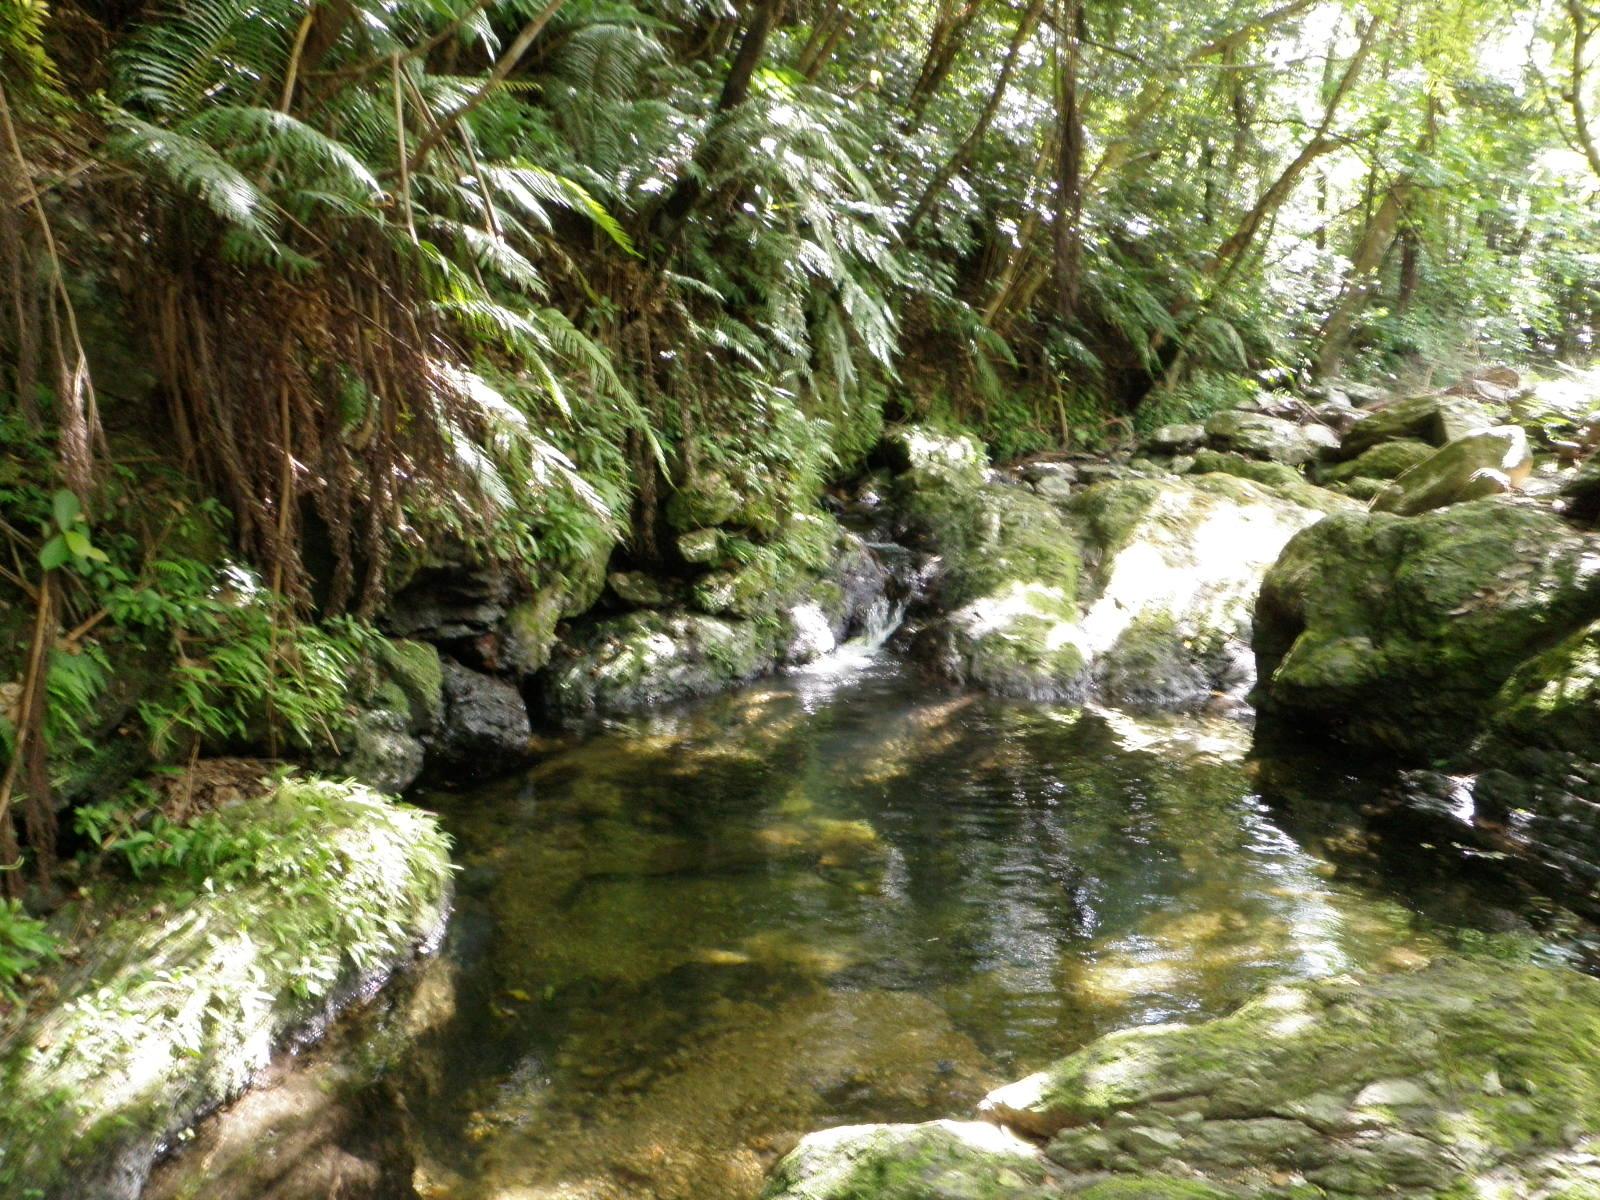 ジャングルリバートレッキング:名護市の観光・旅行